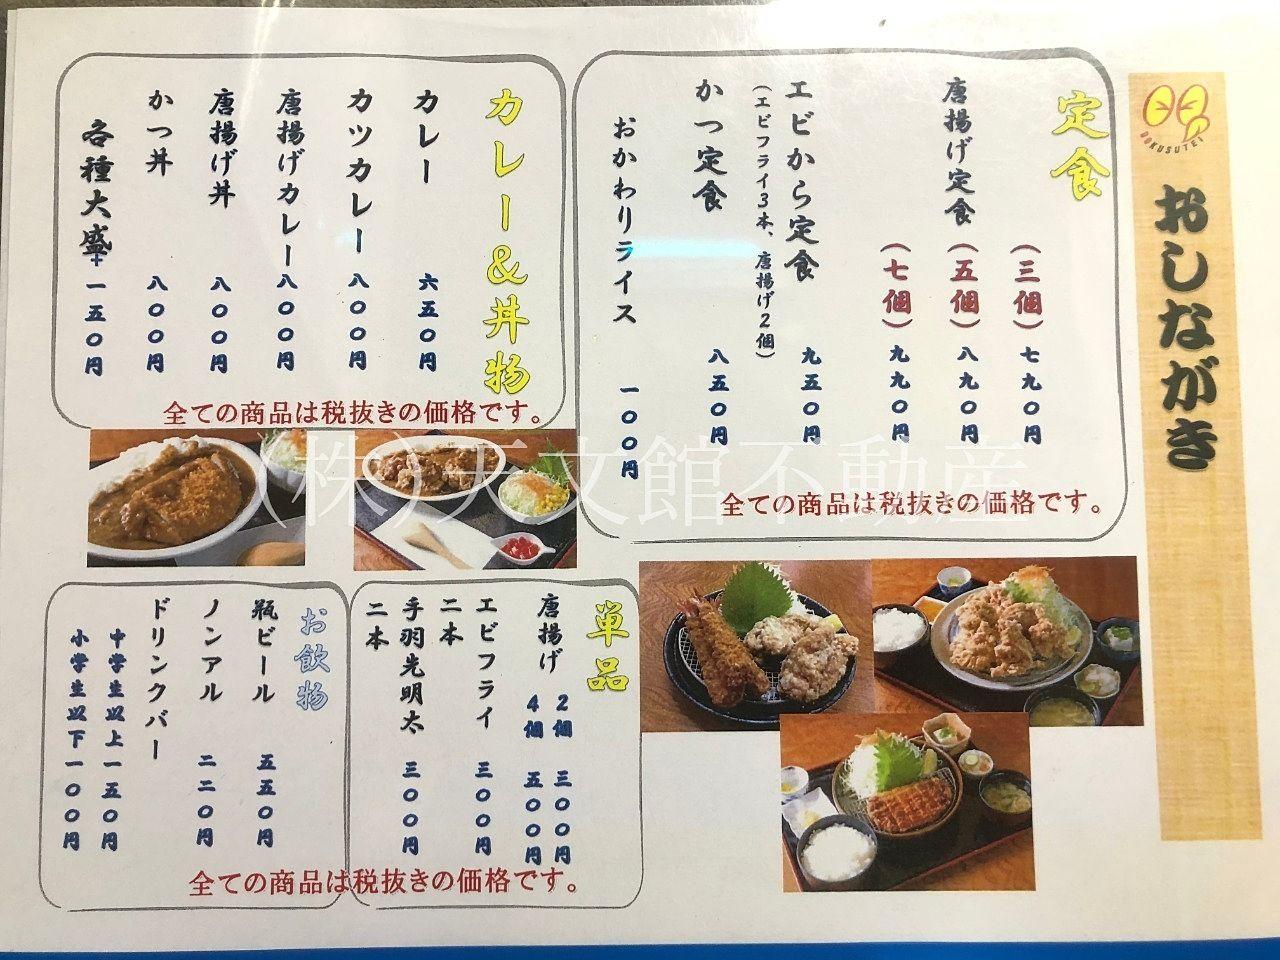 鹿児島県姶良市蒲生町北「大楠亭」メニュー表。定食、カレー、丼物もあります。